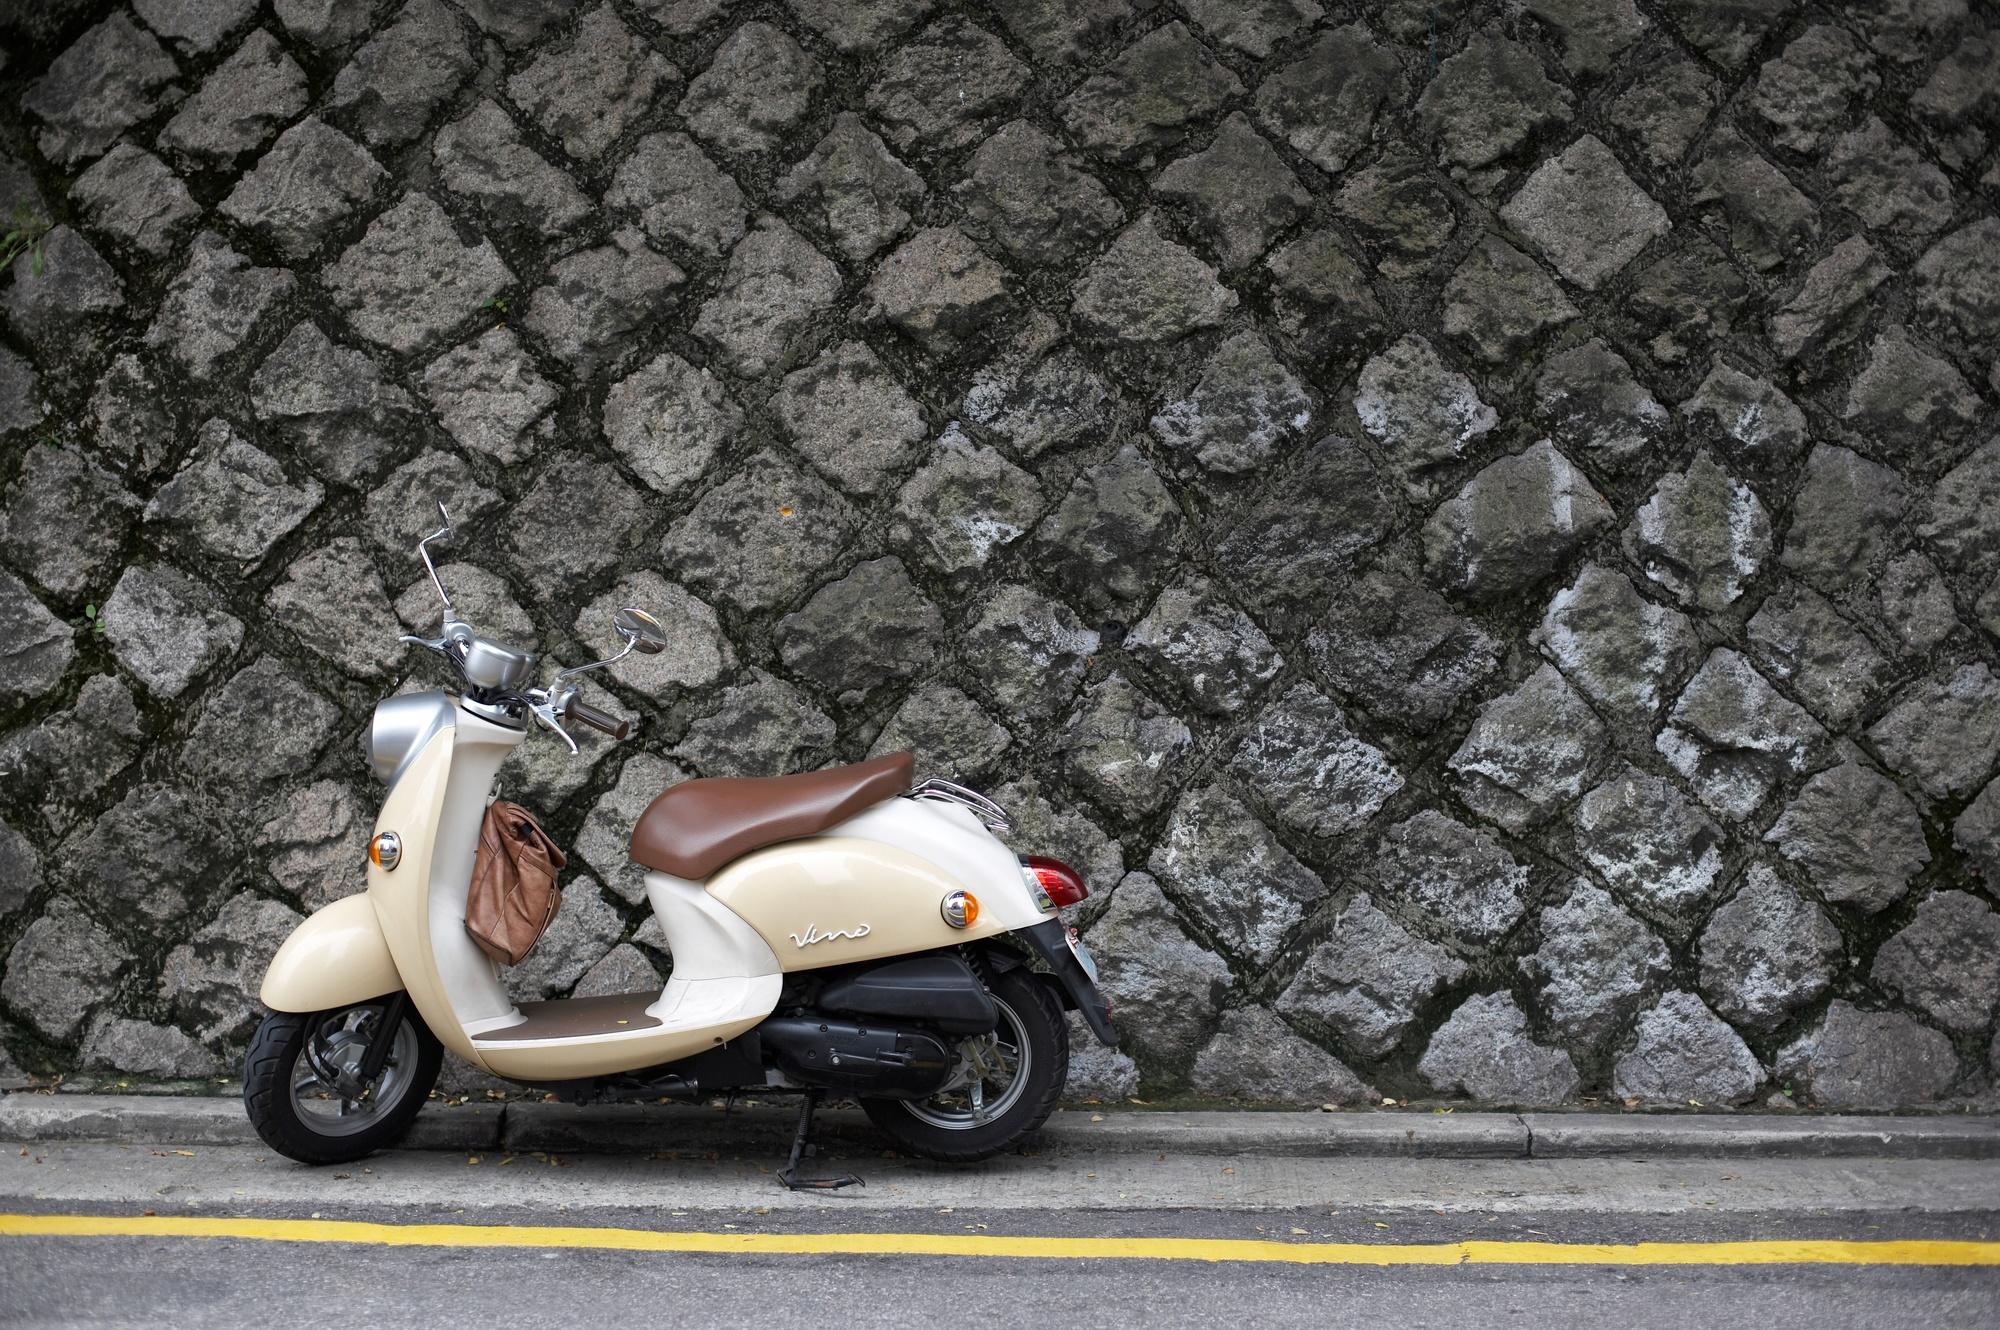 引越しのときバイクの移動はどうすればいい?手続き方法をご紹介